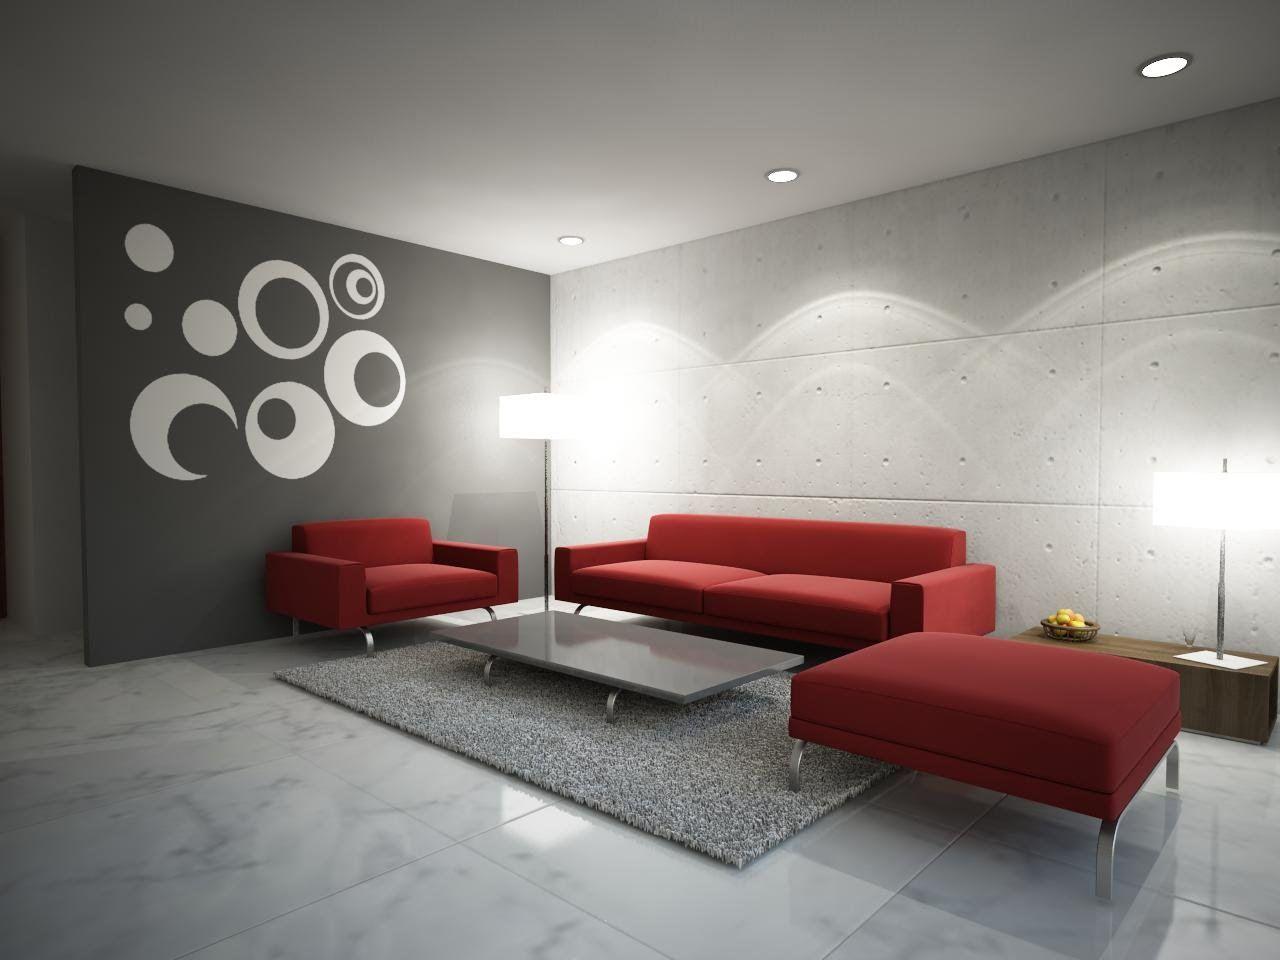 Arquitectura de interiores Diseo Diseo de construccin distribucin y decoracin de espacios interiores de un edificio  Diseo